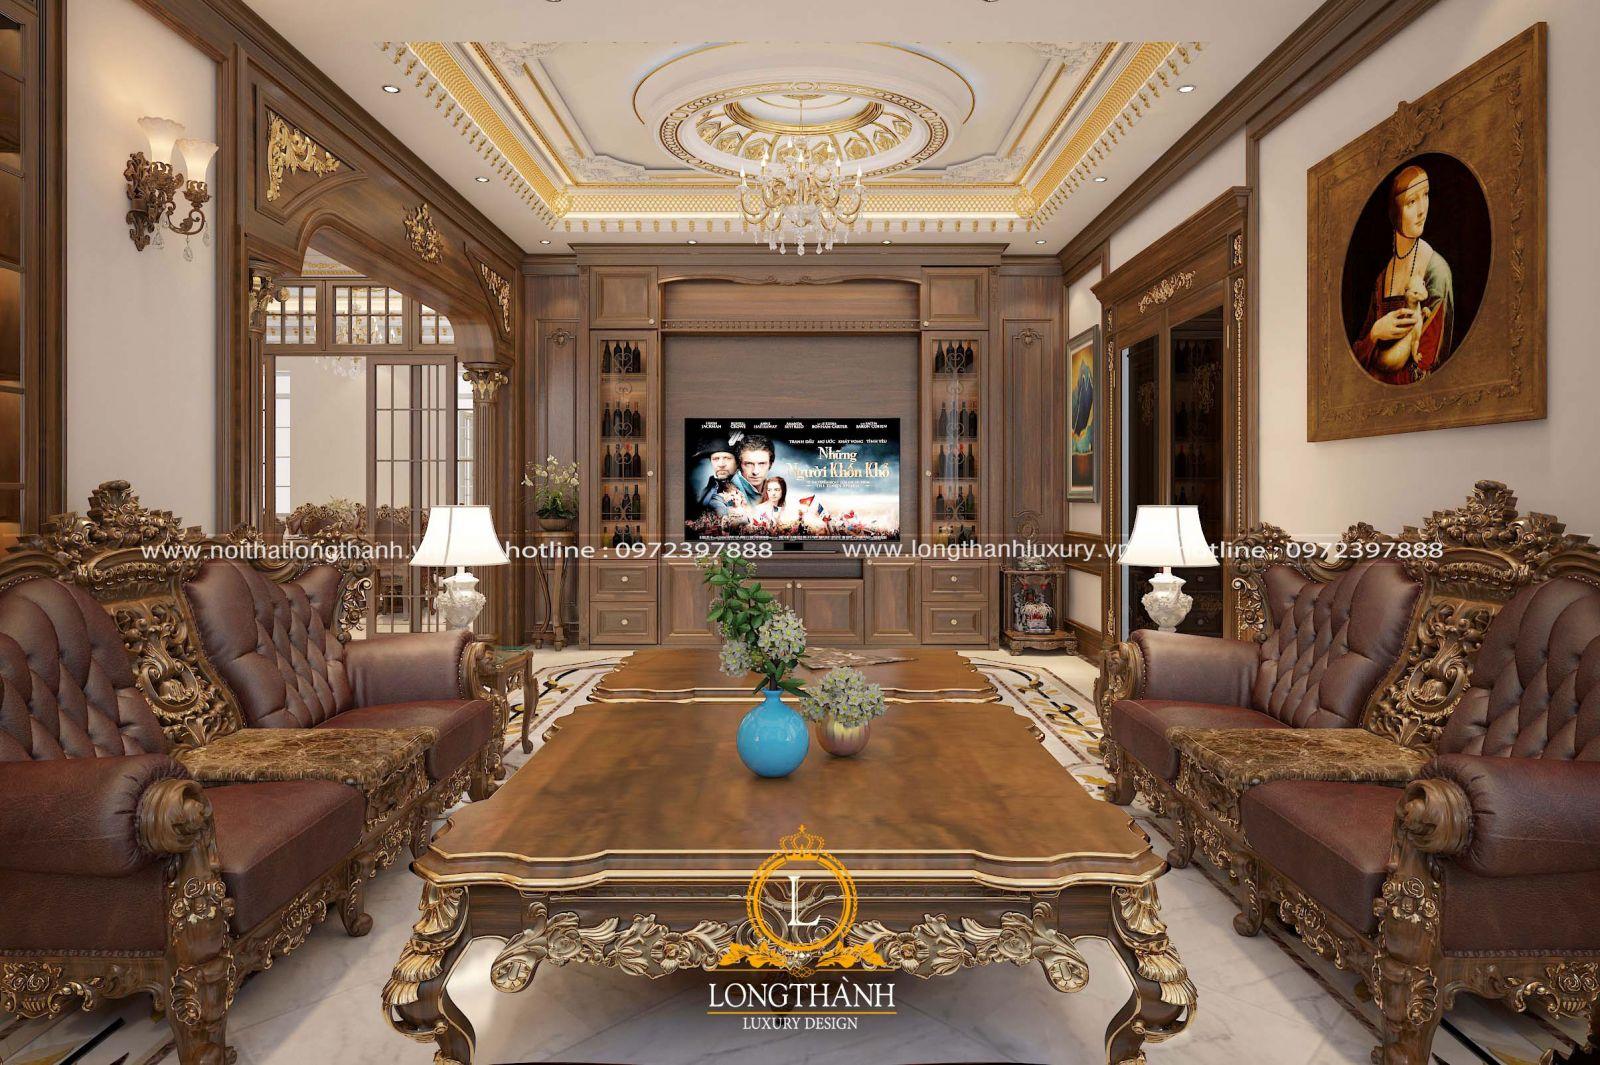 Tủ trang trí phòng khách tân cổ điển